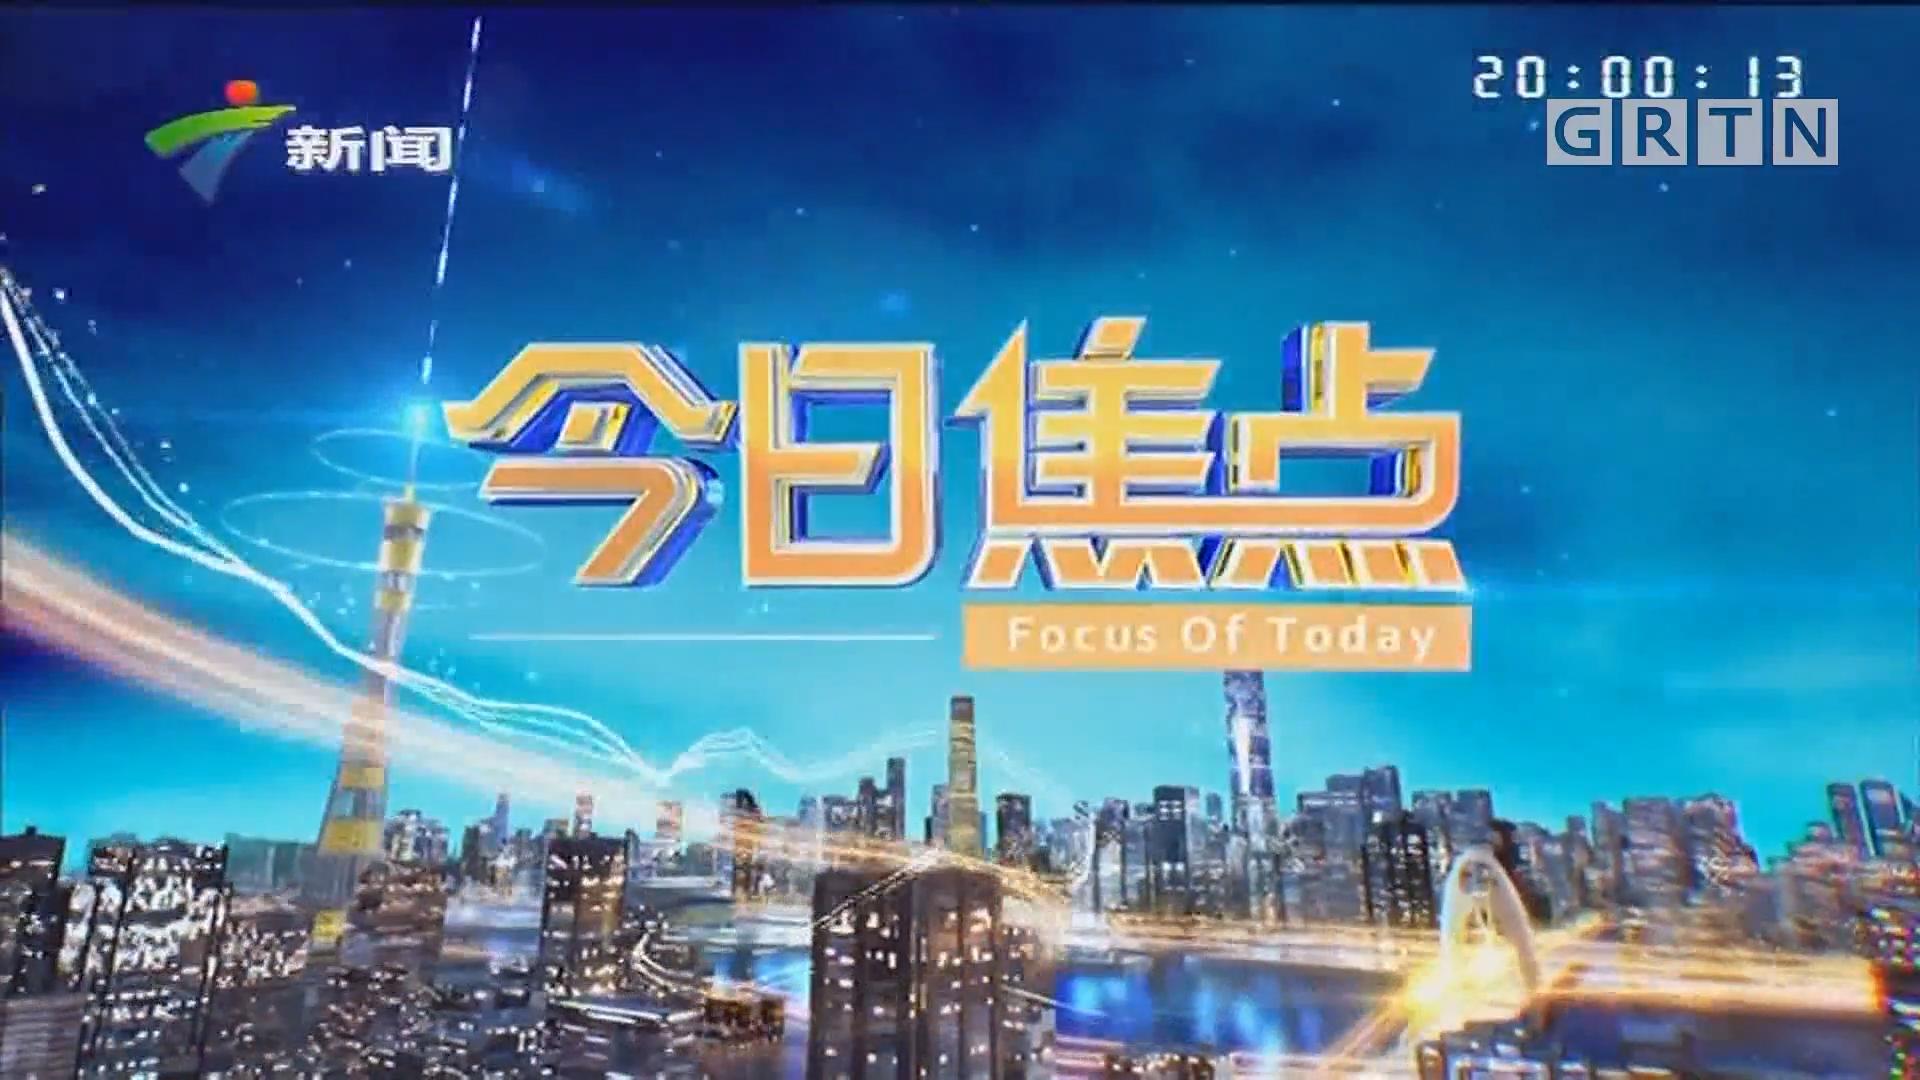 [HD][2019-08-13]今日焦点:广州:地铁人脸无感支付闸机将投入使用